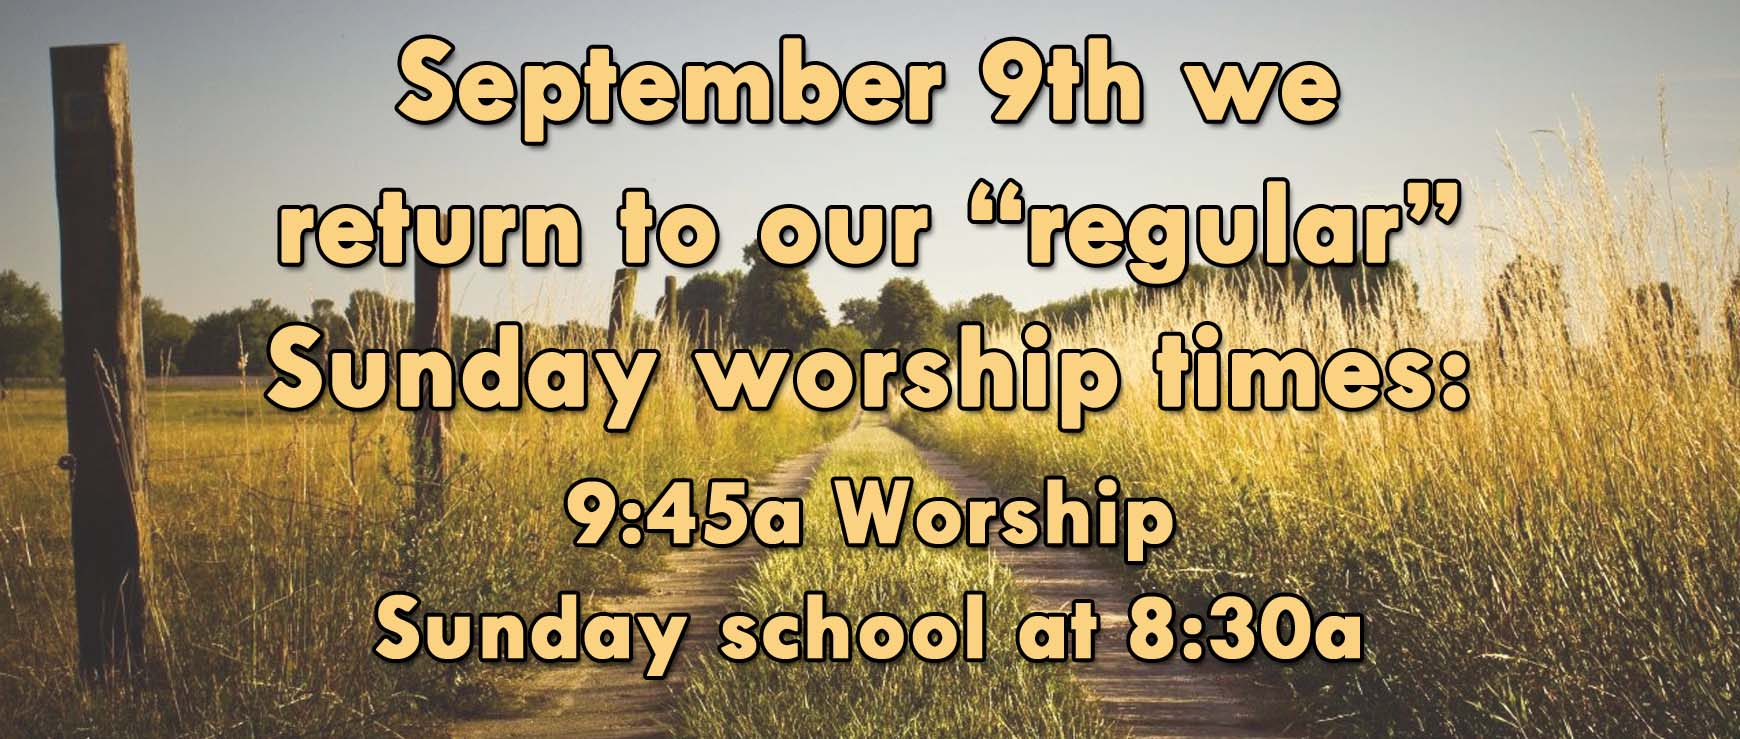 regular worship times 2018